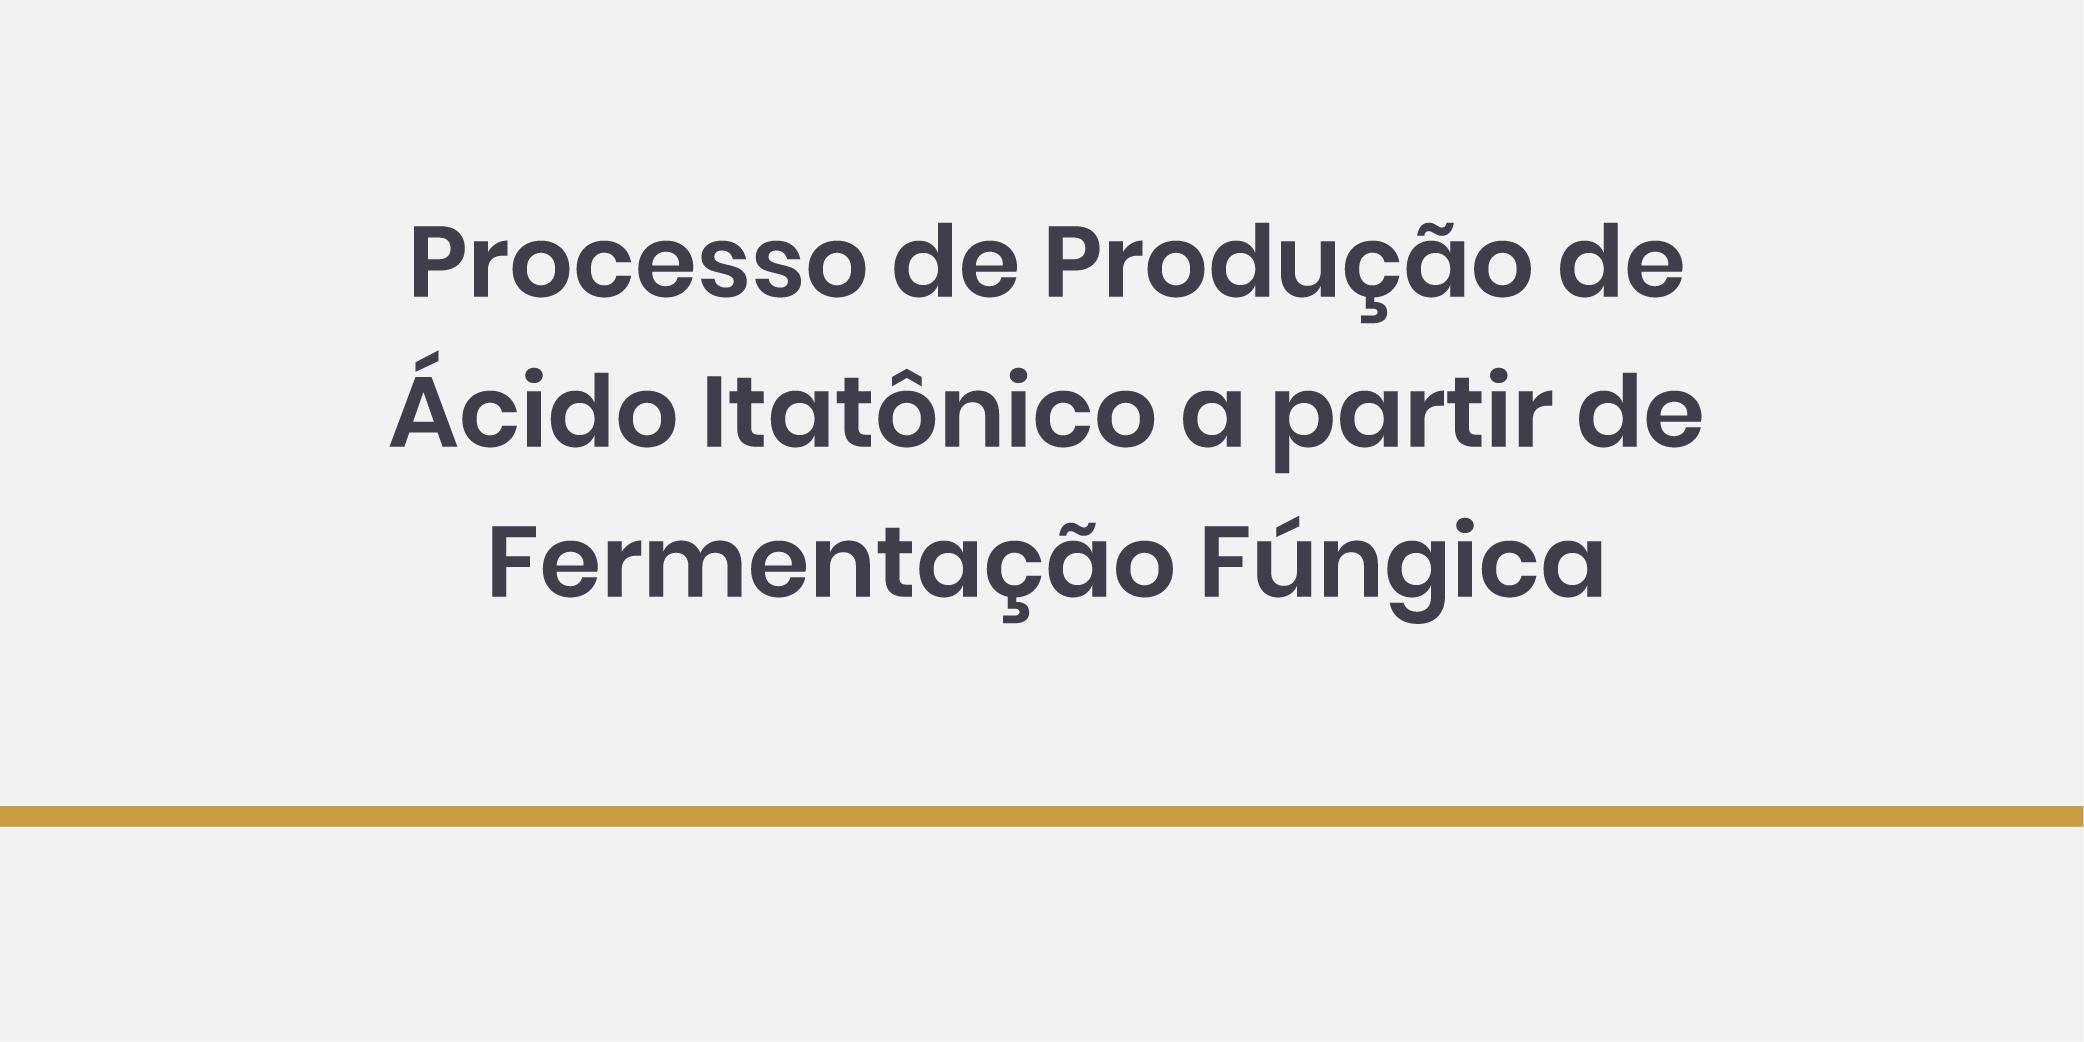 Processo de Produção de Ácido Itatônico a Partir de Fermentação Fúngica